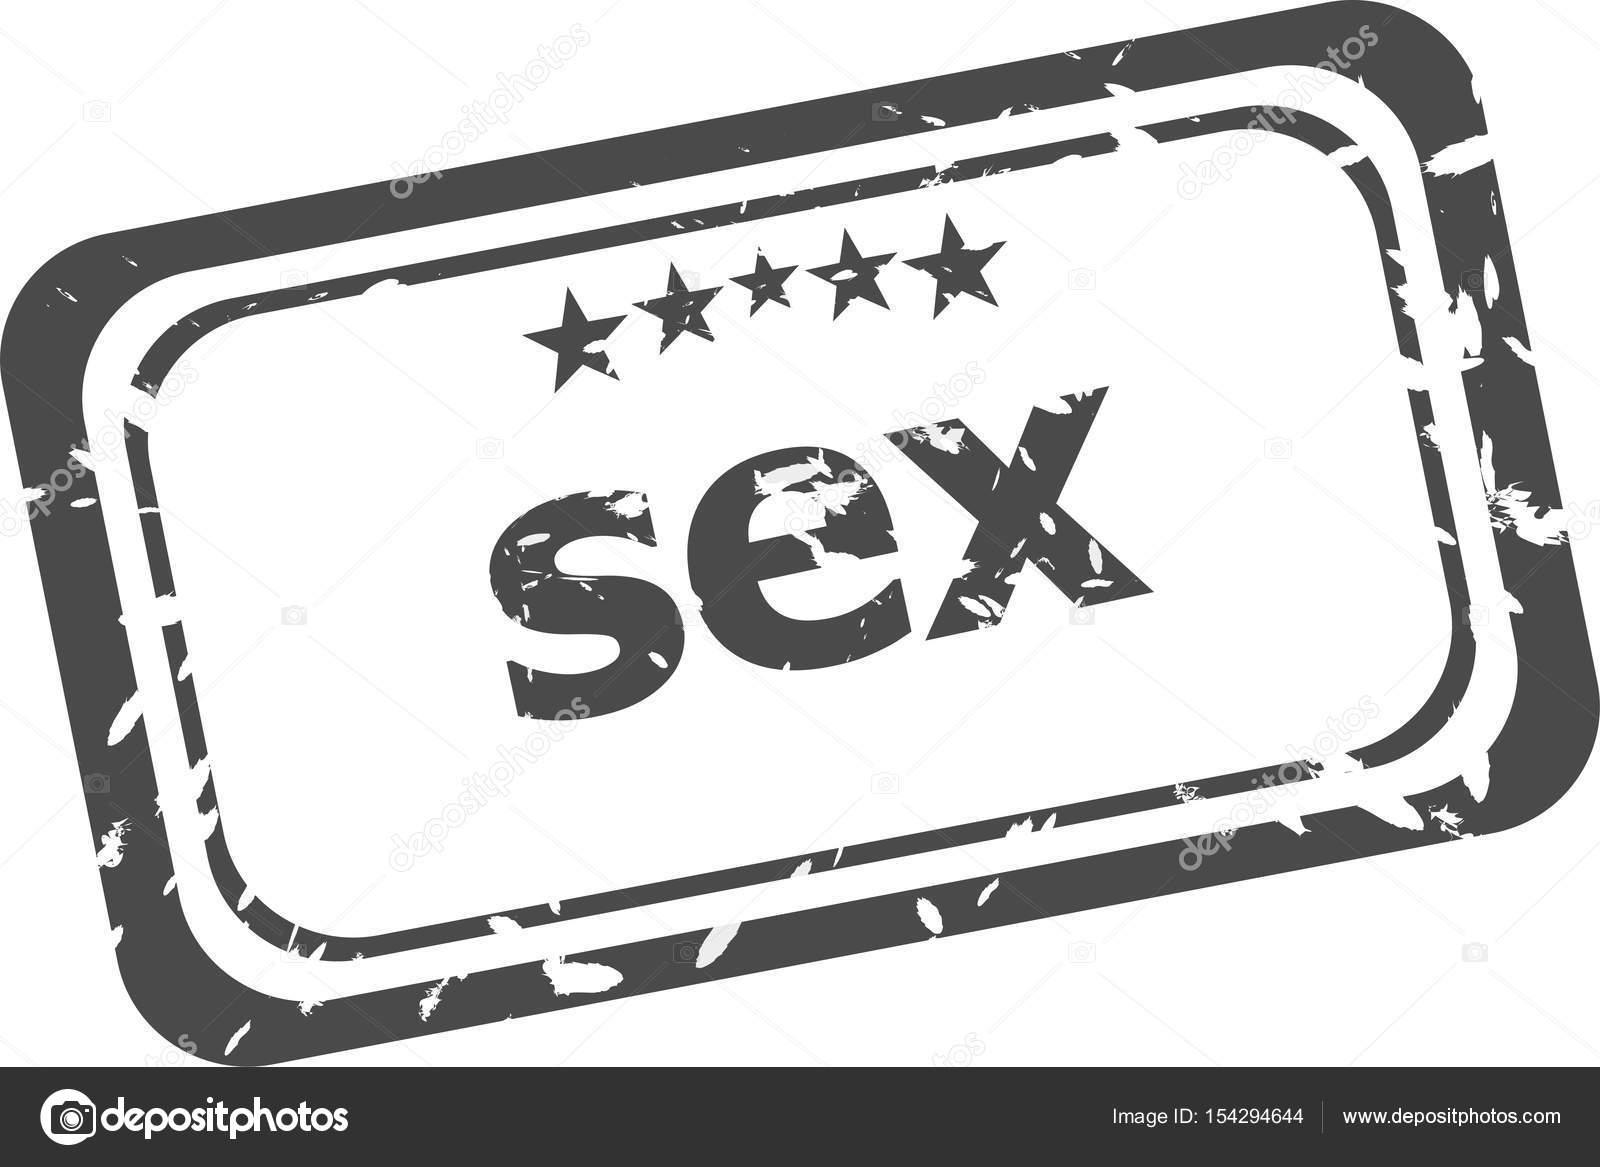 δωρεάν σεξ μαύρο σε λευκό